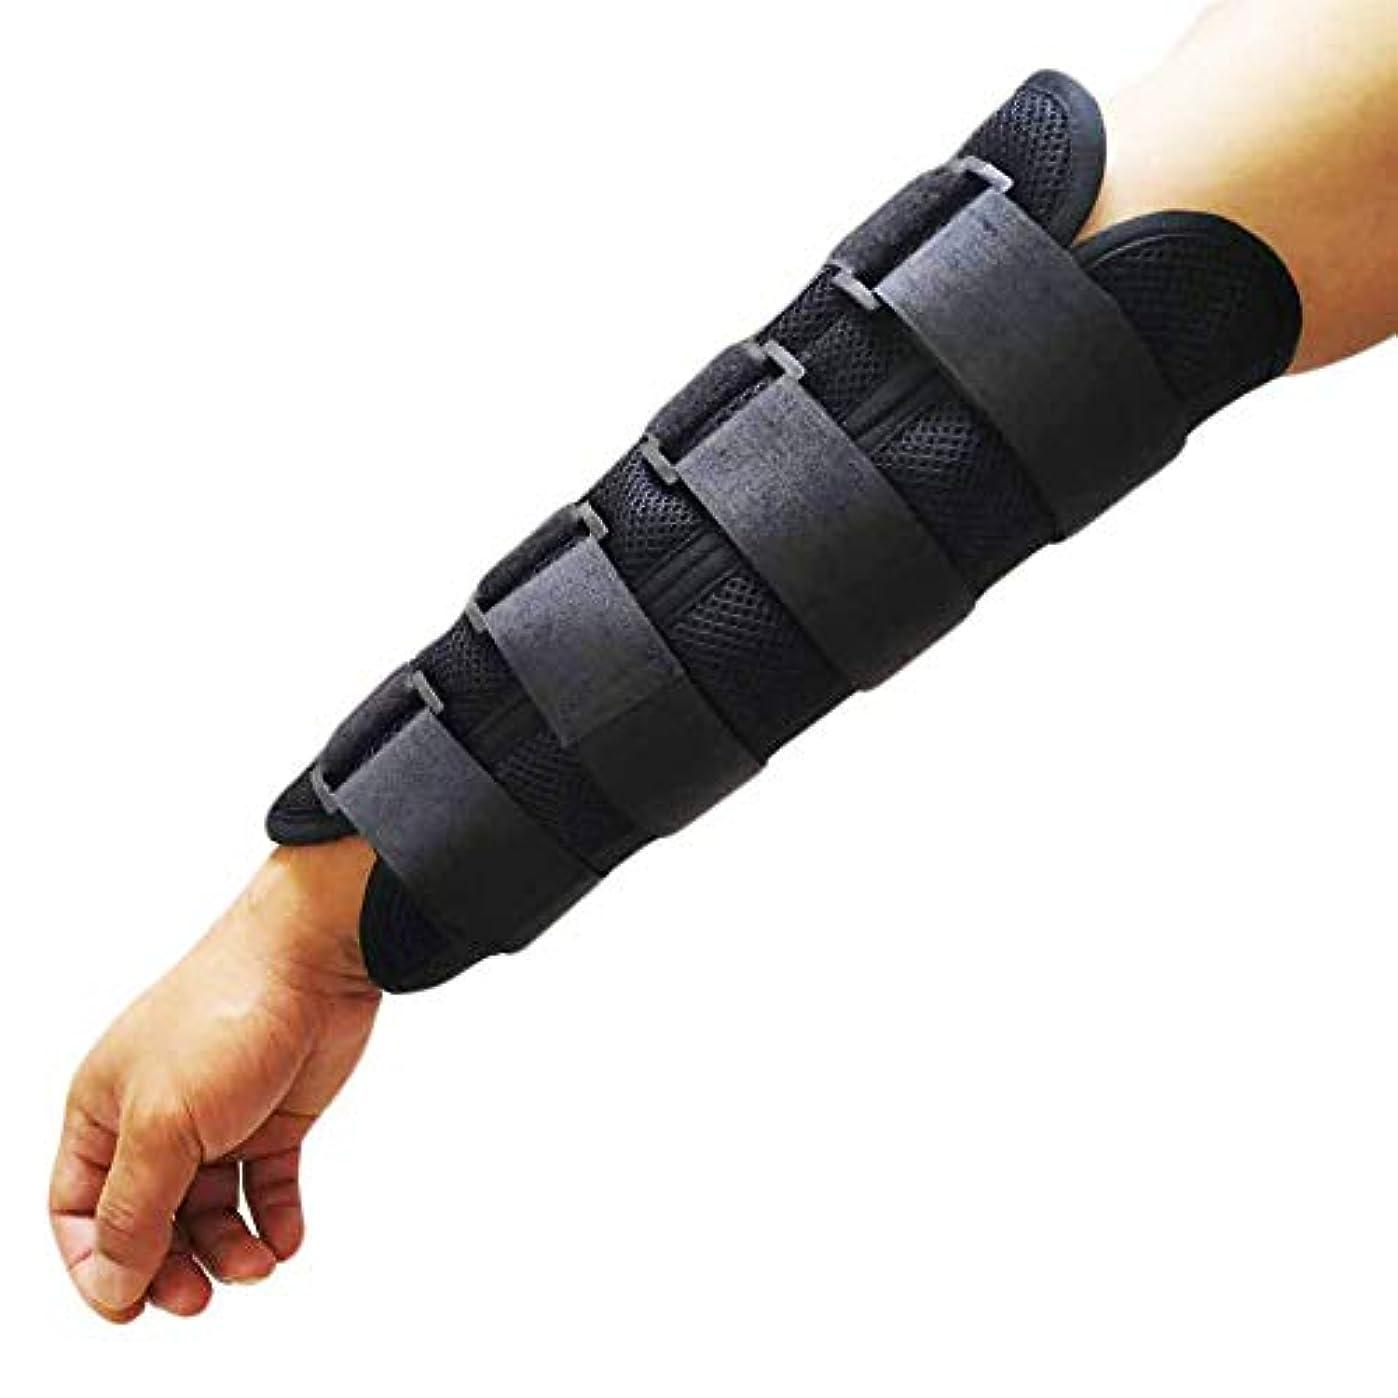 行くセンサー時計回り手首と前腕の副木調整可能な前腕の装具 固定サポート捻S、脱臼、関節炎、腱炎のナイトスプリント,S